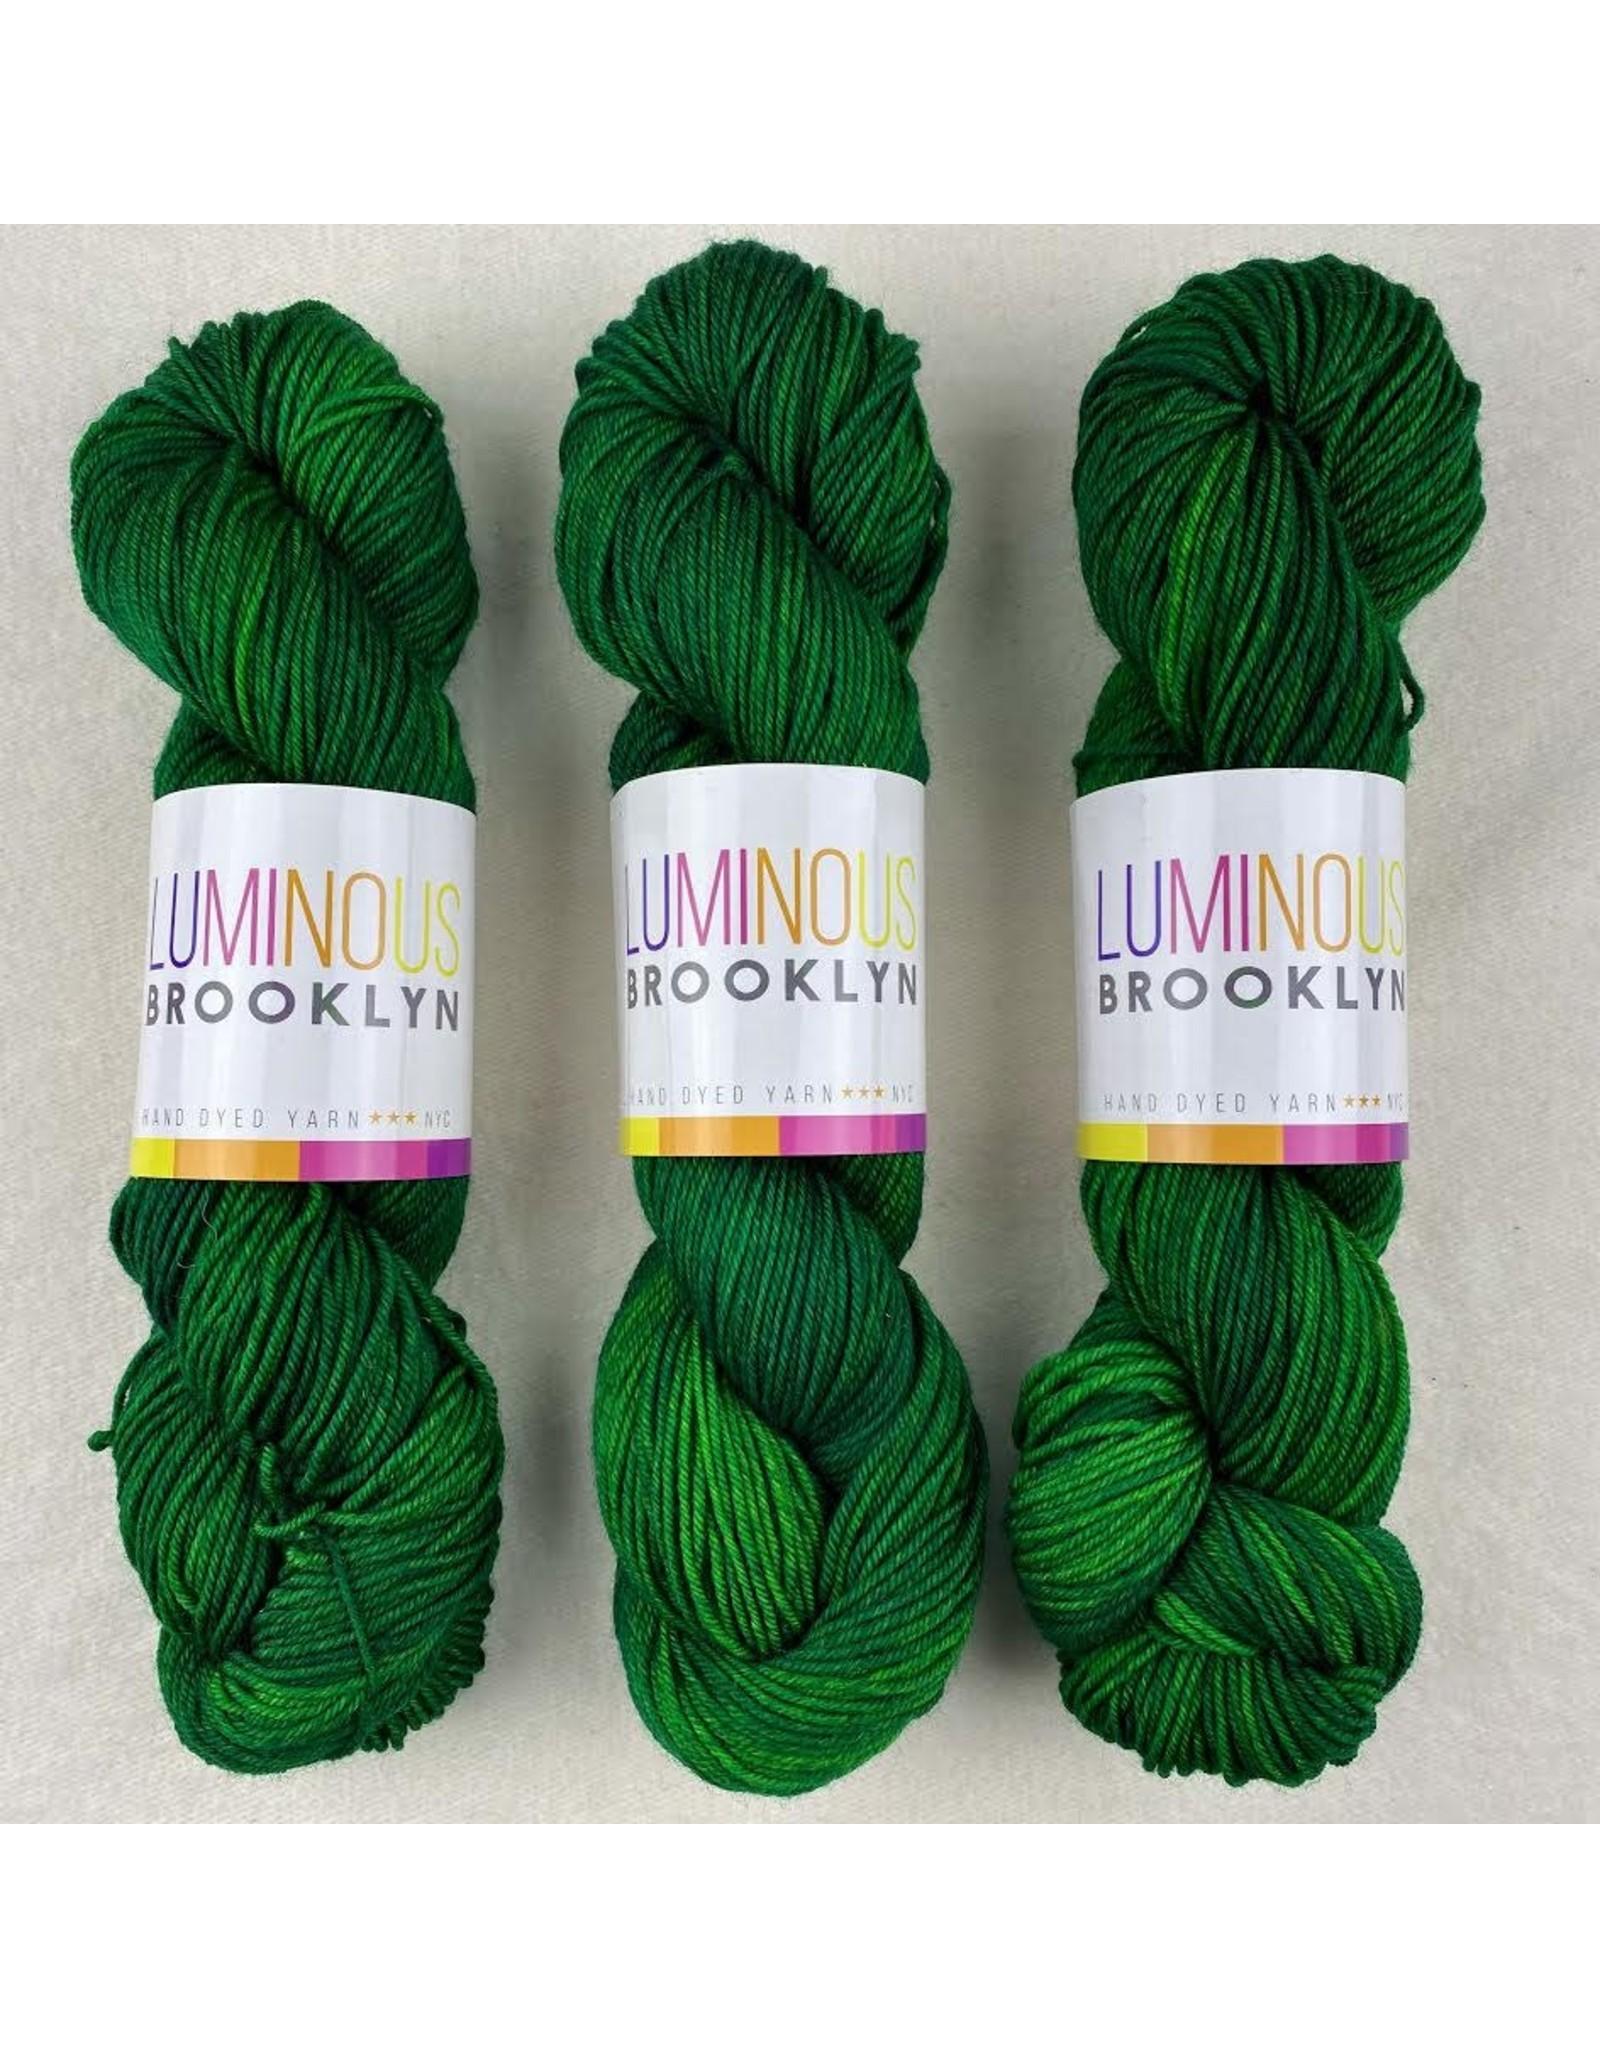 Luminous Brooklyn Quetzal - Dazzling DK - Luminous Brooklyn